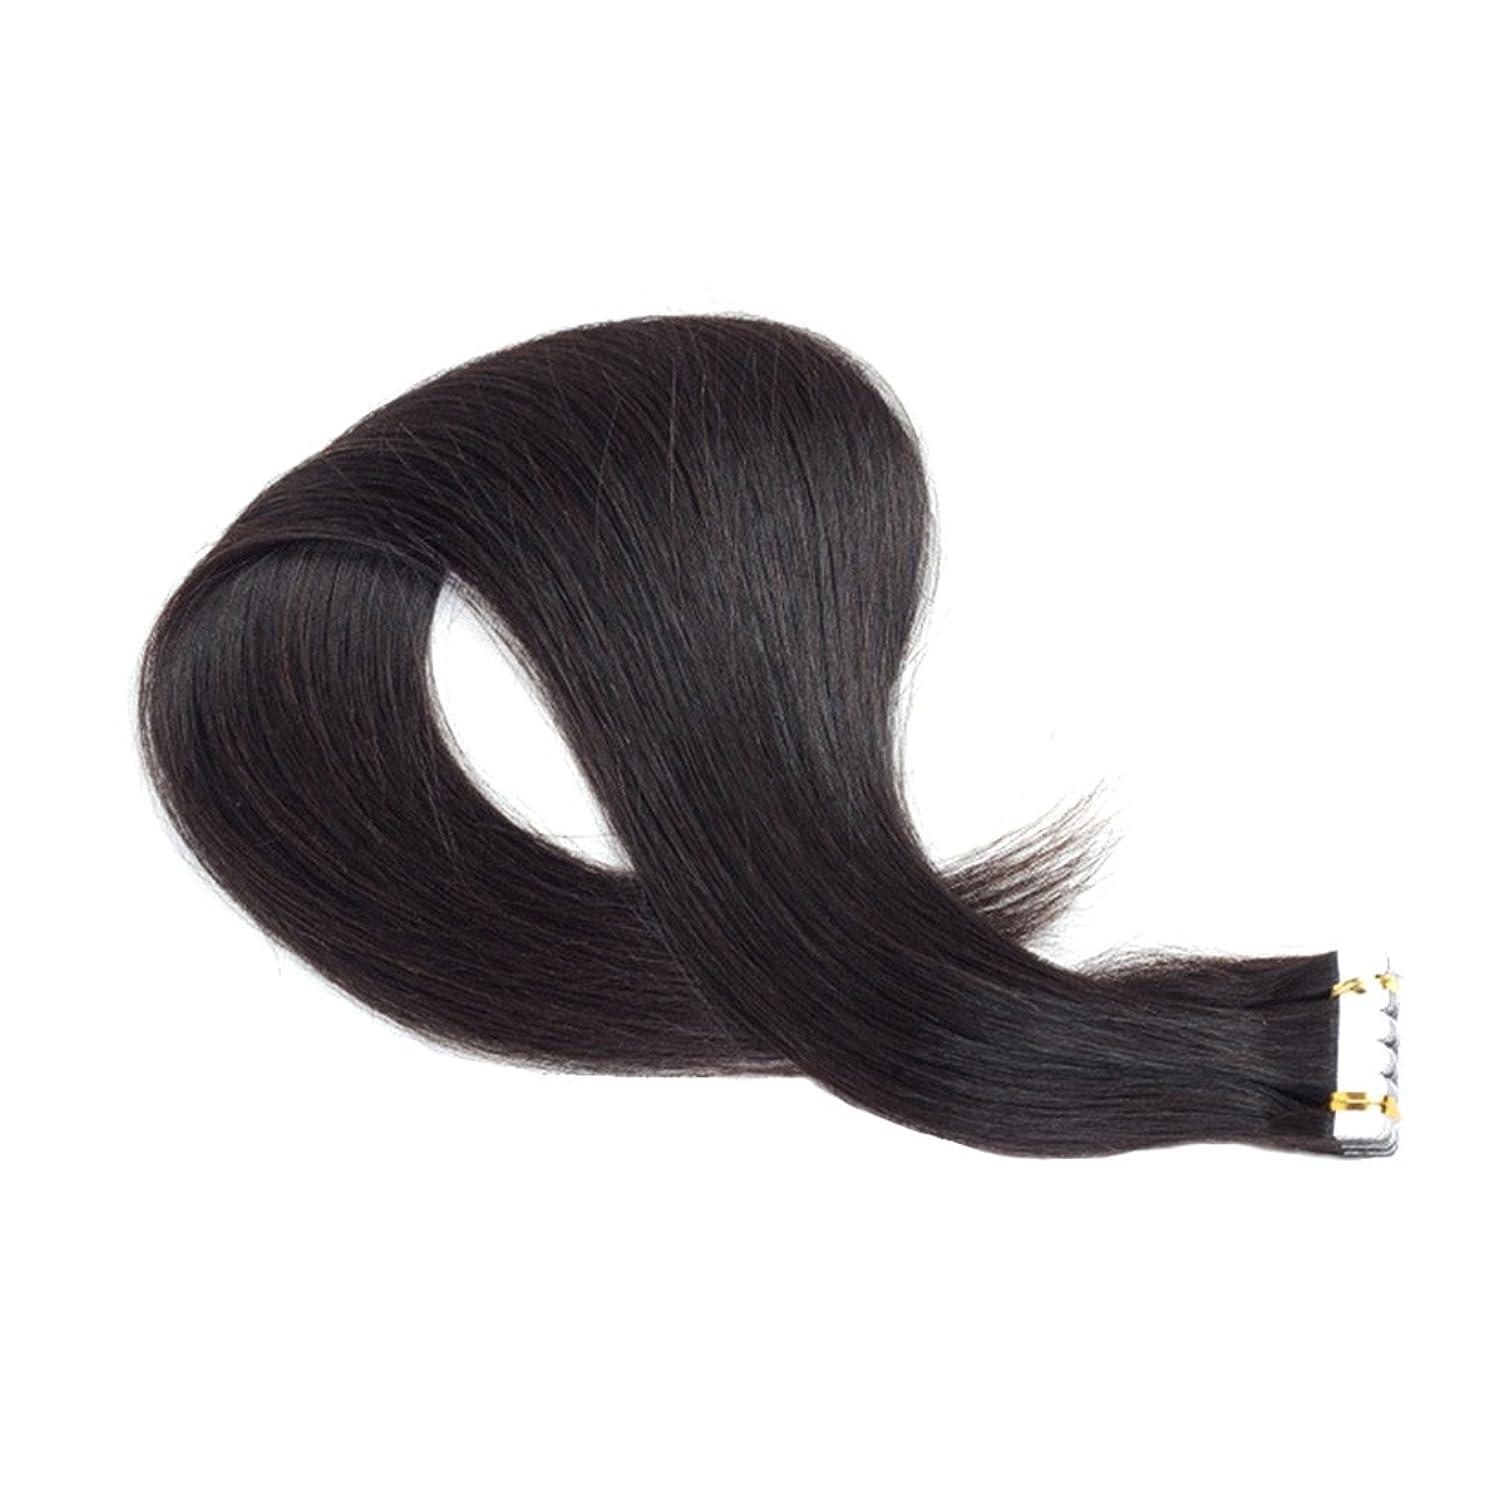 荒れ地燃やすオーバーフローHealifty 女性のための本物の人間の毛髪延長絹のようなストレートのヘアーテープ(黒レミーの髪)90 CM